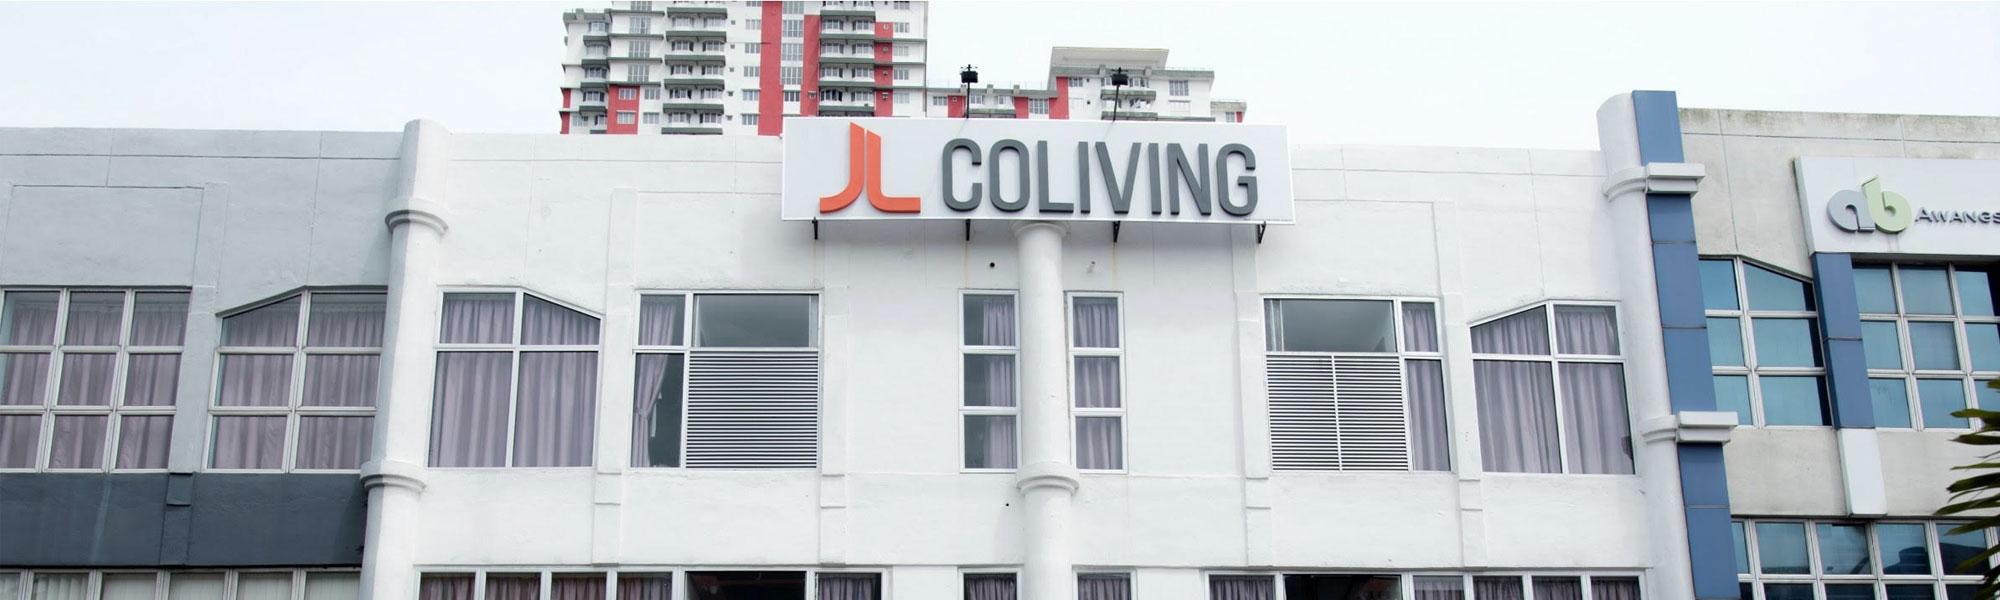 JLColiving-USj21-1